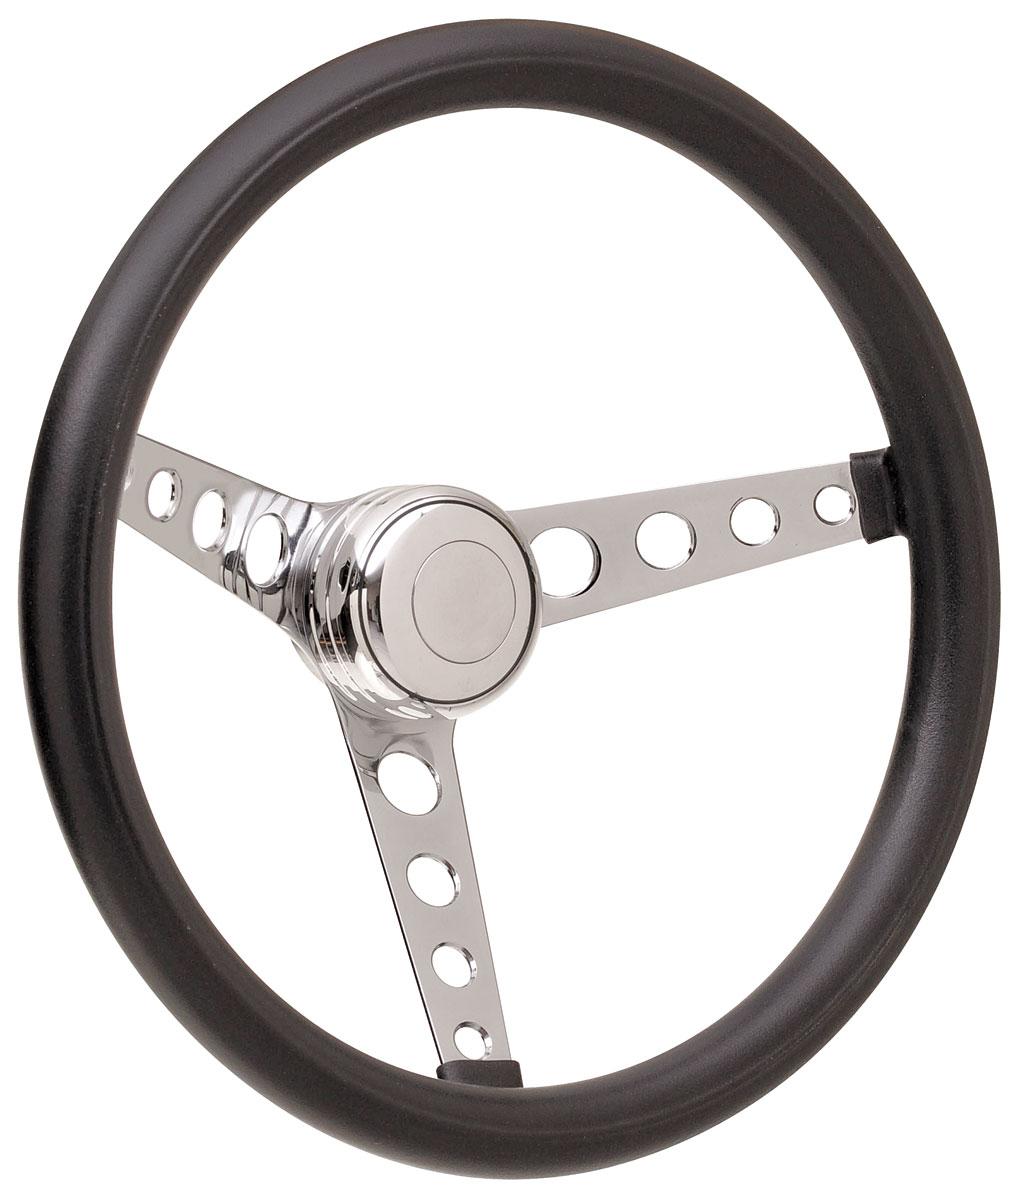 Steering Wheel Kit, 59-68 GM, Classic Foam, Tall Cap, Plain, Polished